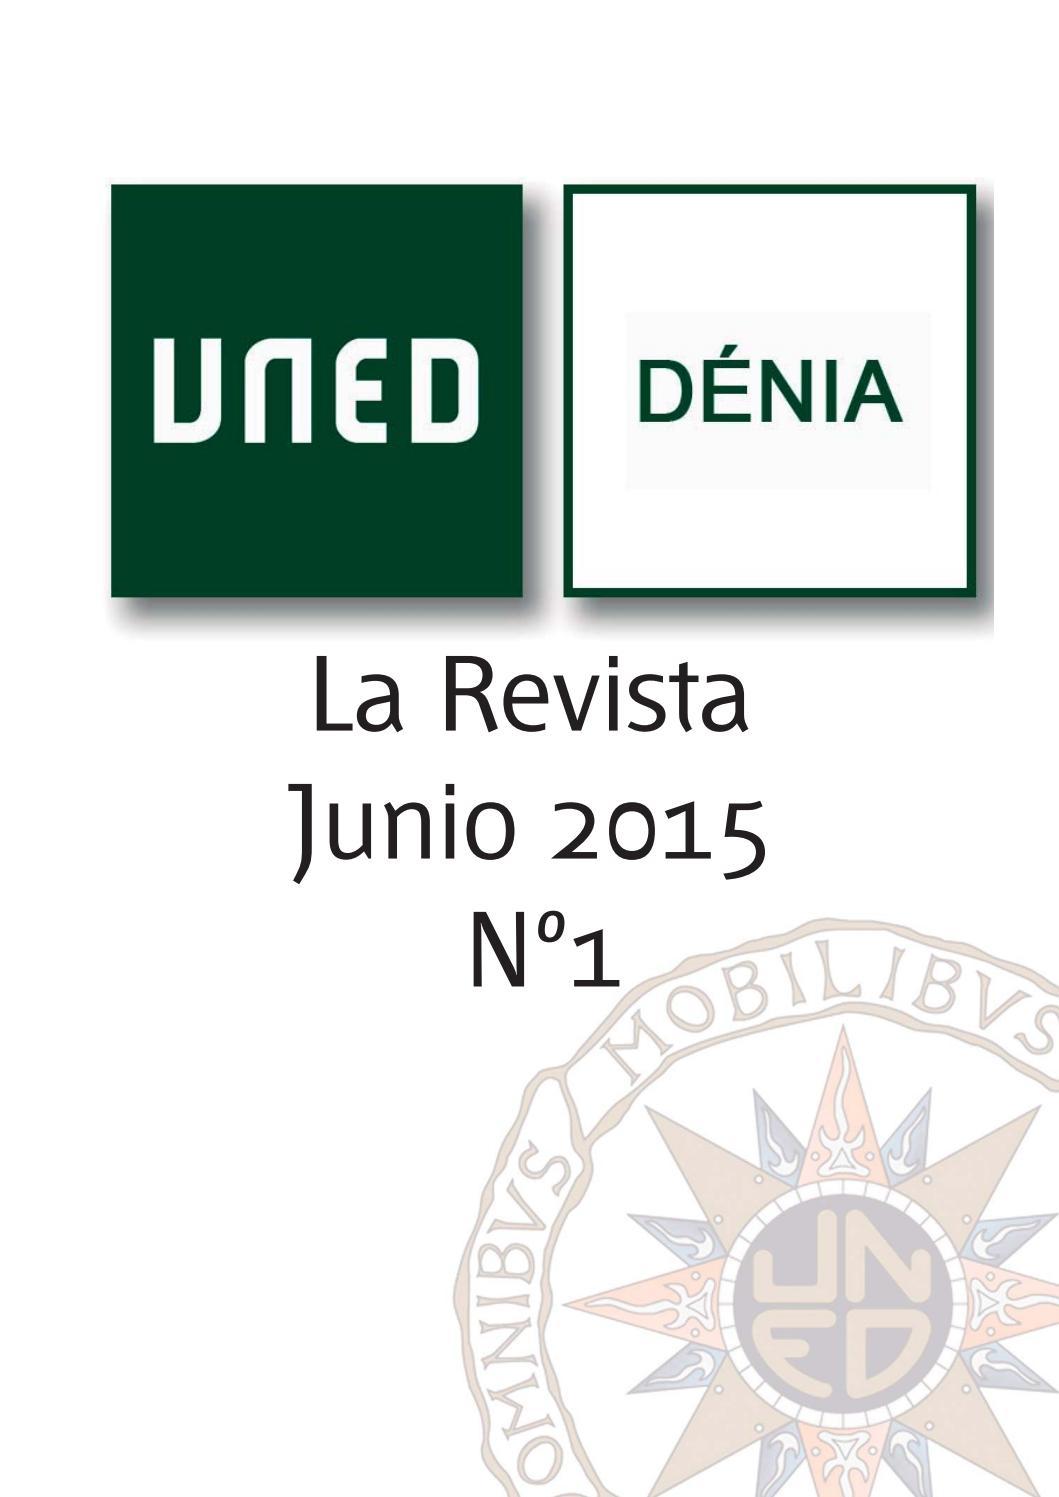 La Revista Nº 1 By Uned Centro Asociado Dénia Issuu